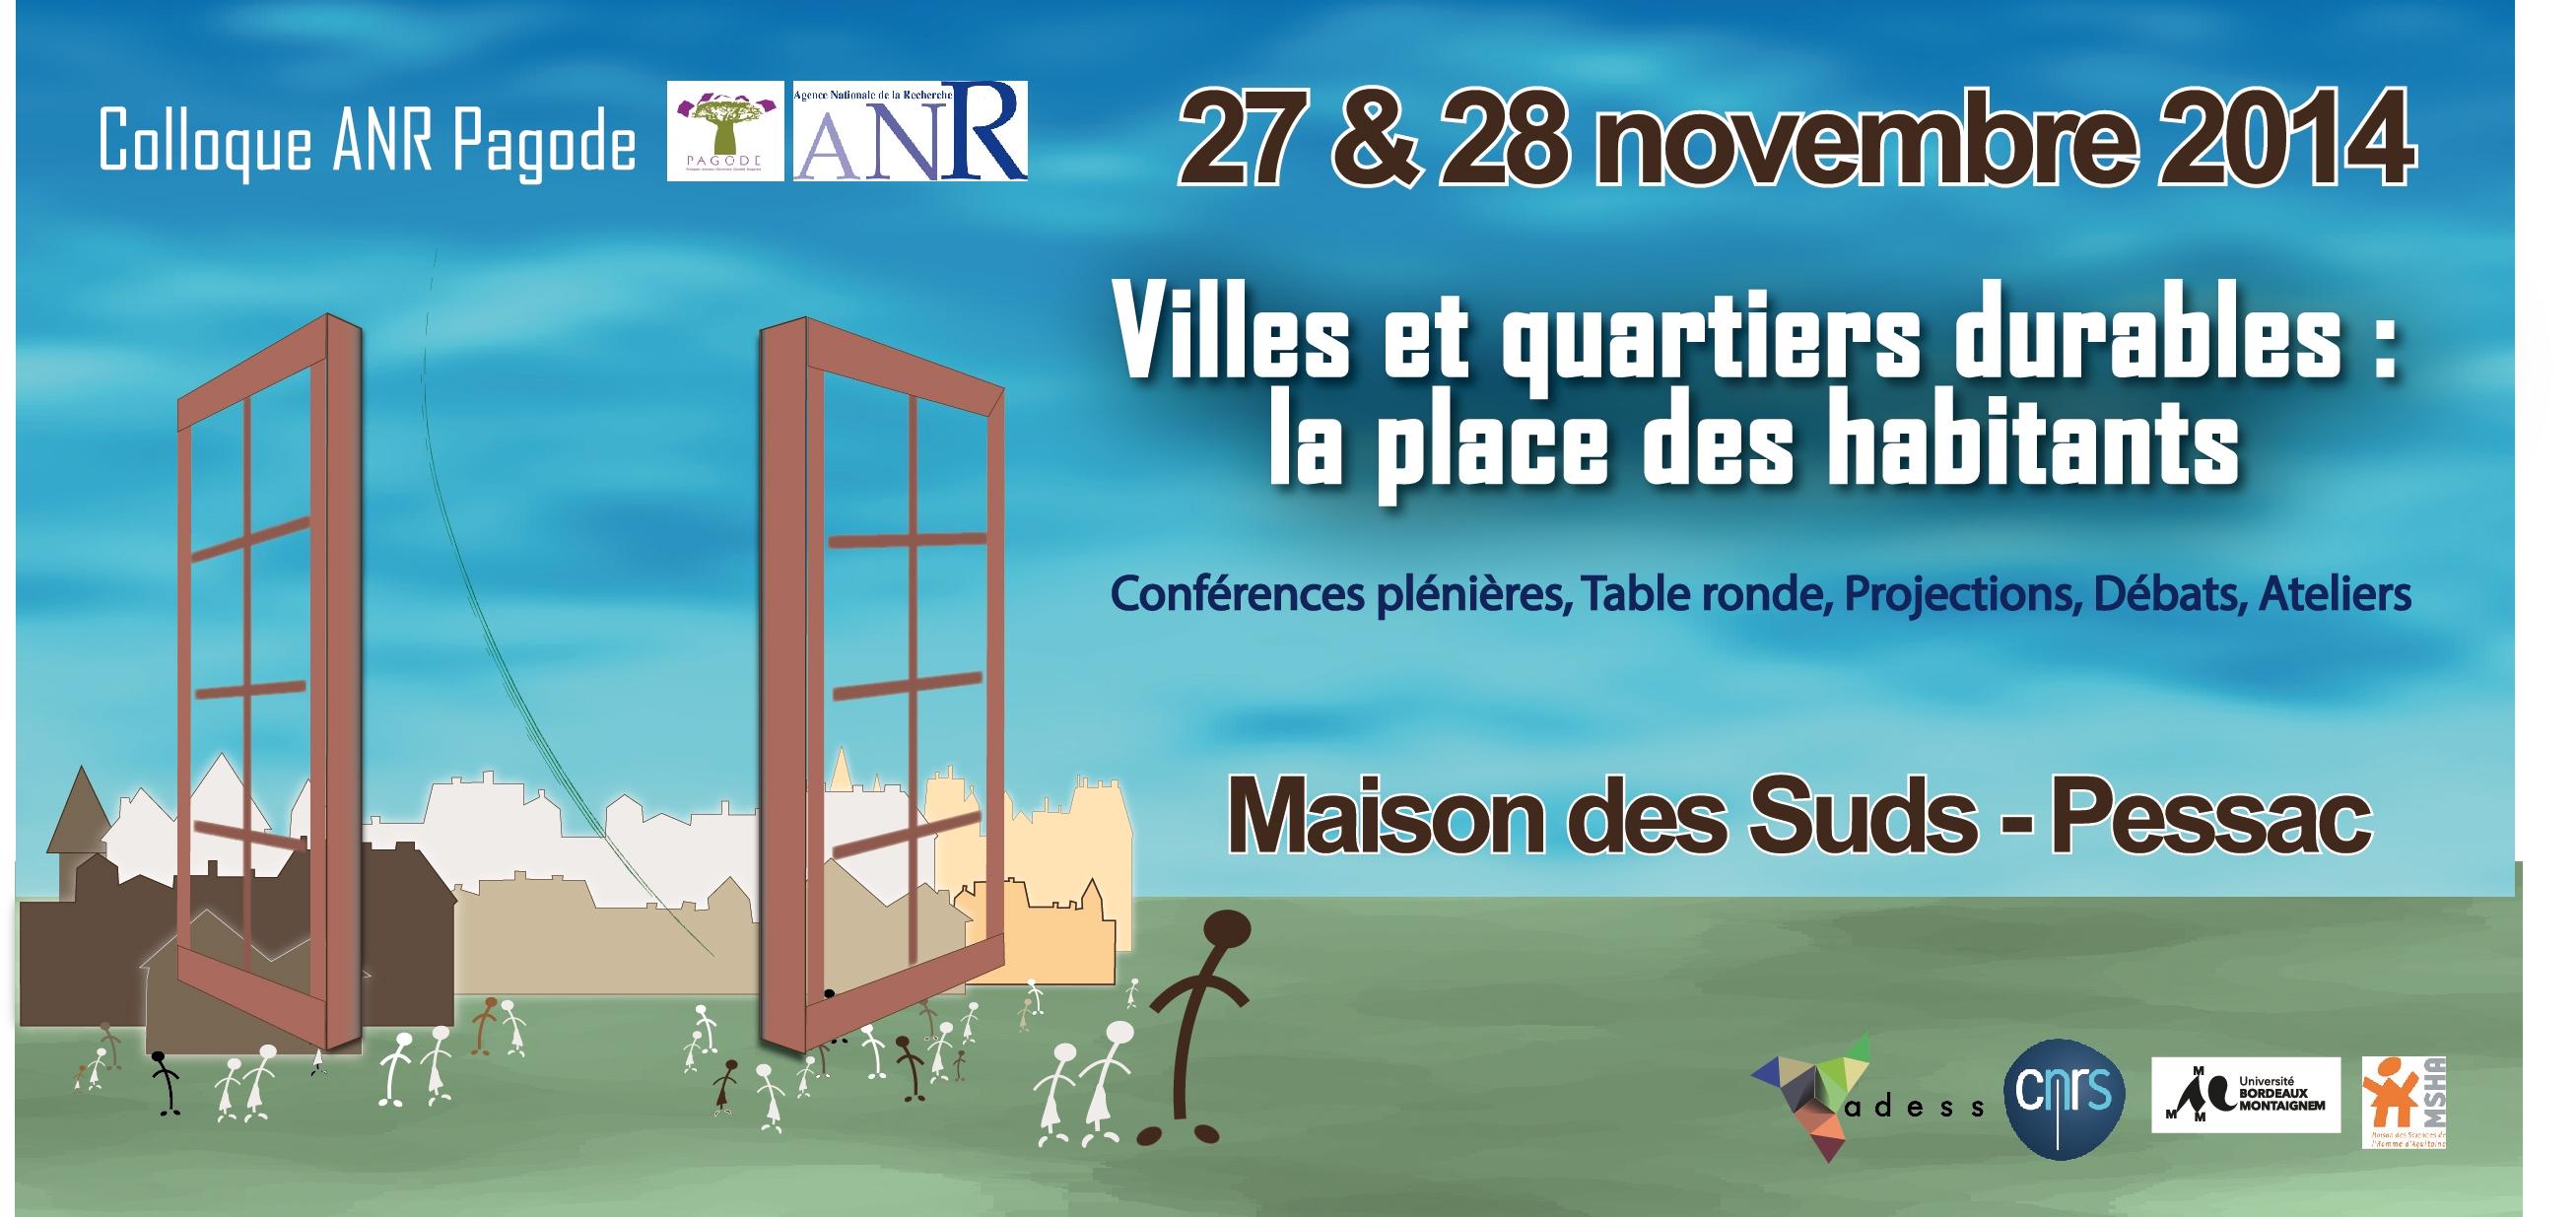 Colloque PAGODE Villes et quartiers durables 27&28 novembre 2014 Bordeaux